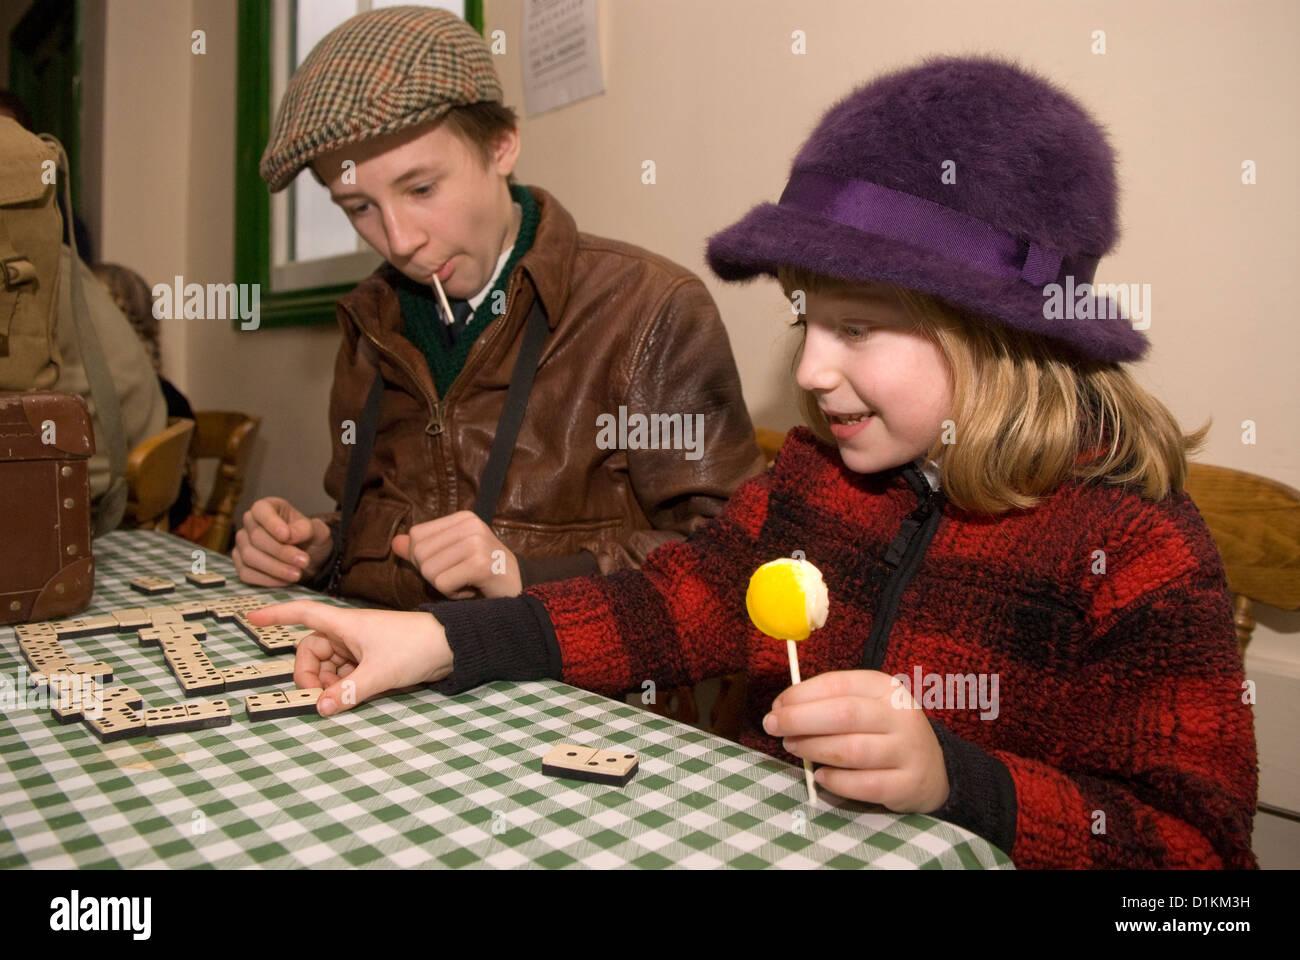 7 Jahre altes Mädchen und 12 Jahre alten Jungen Domino spielen am ...